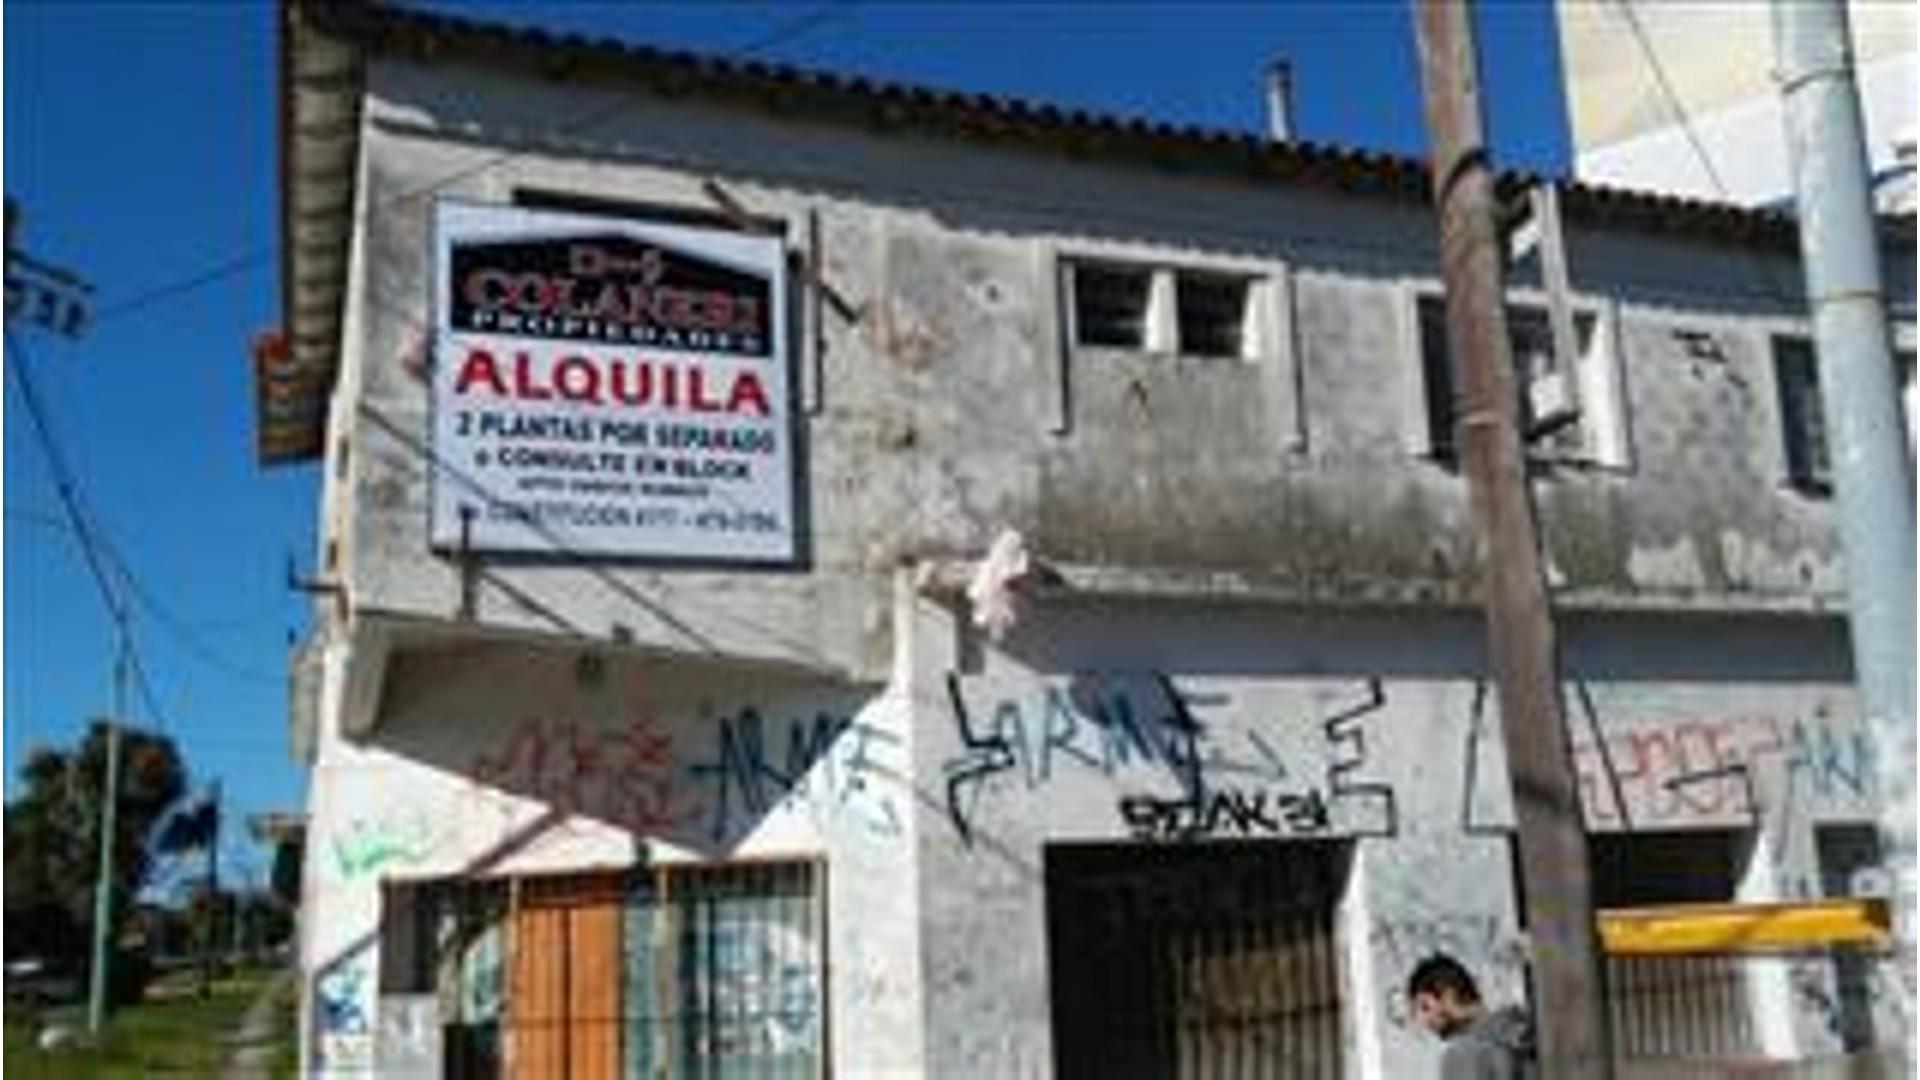 Av Constitucion 4100 - $ 40.000 - Local Alquiler